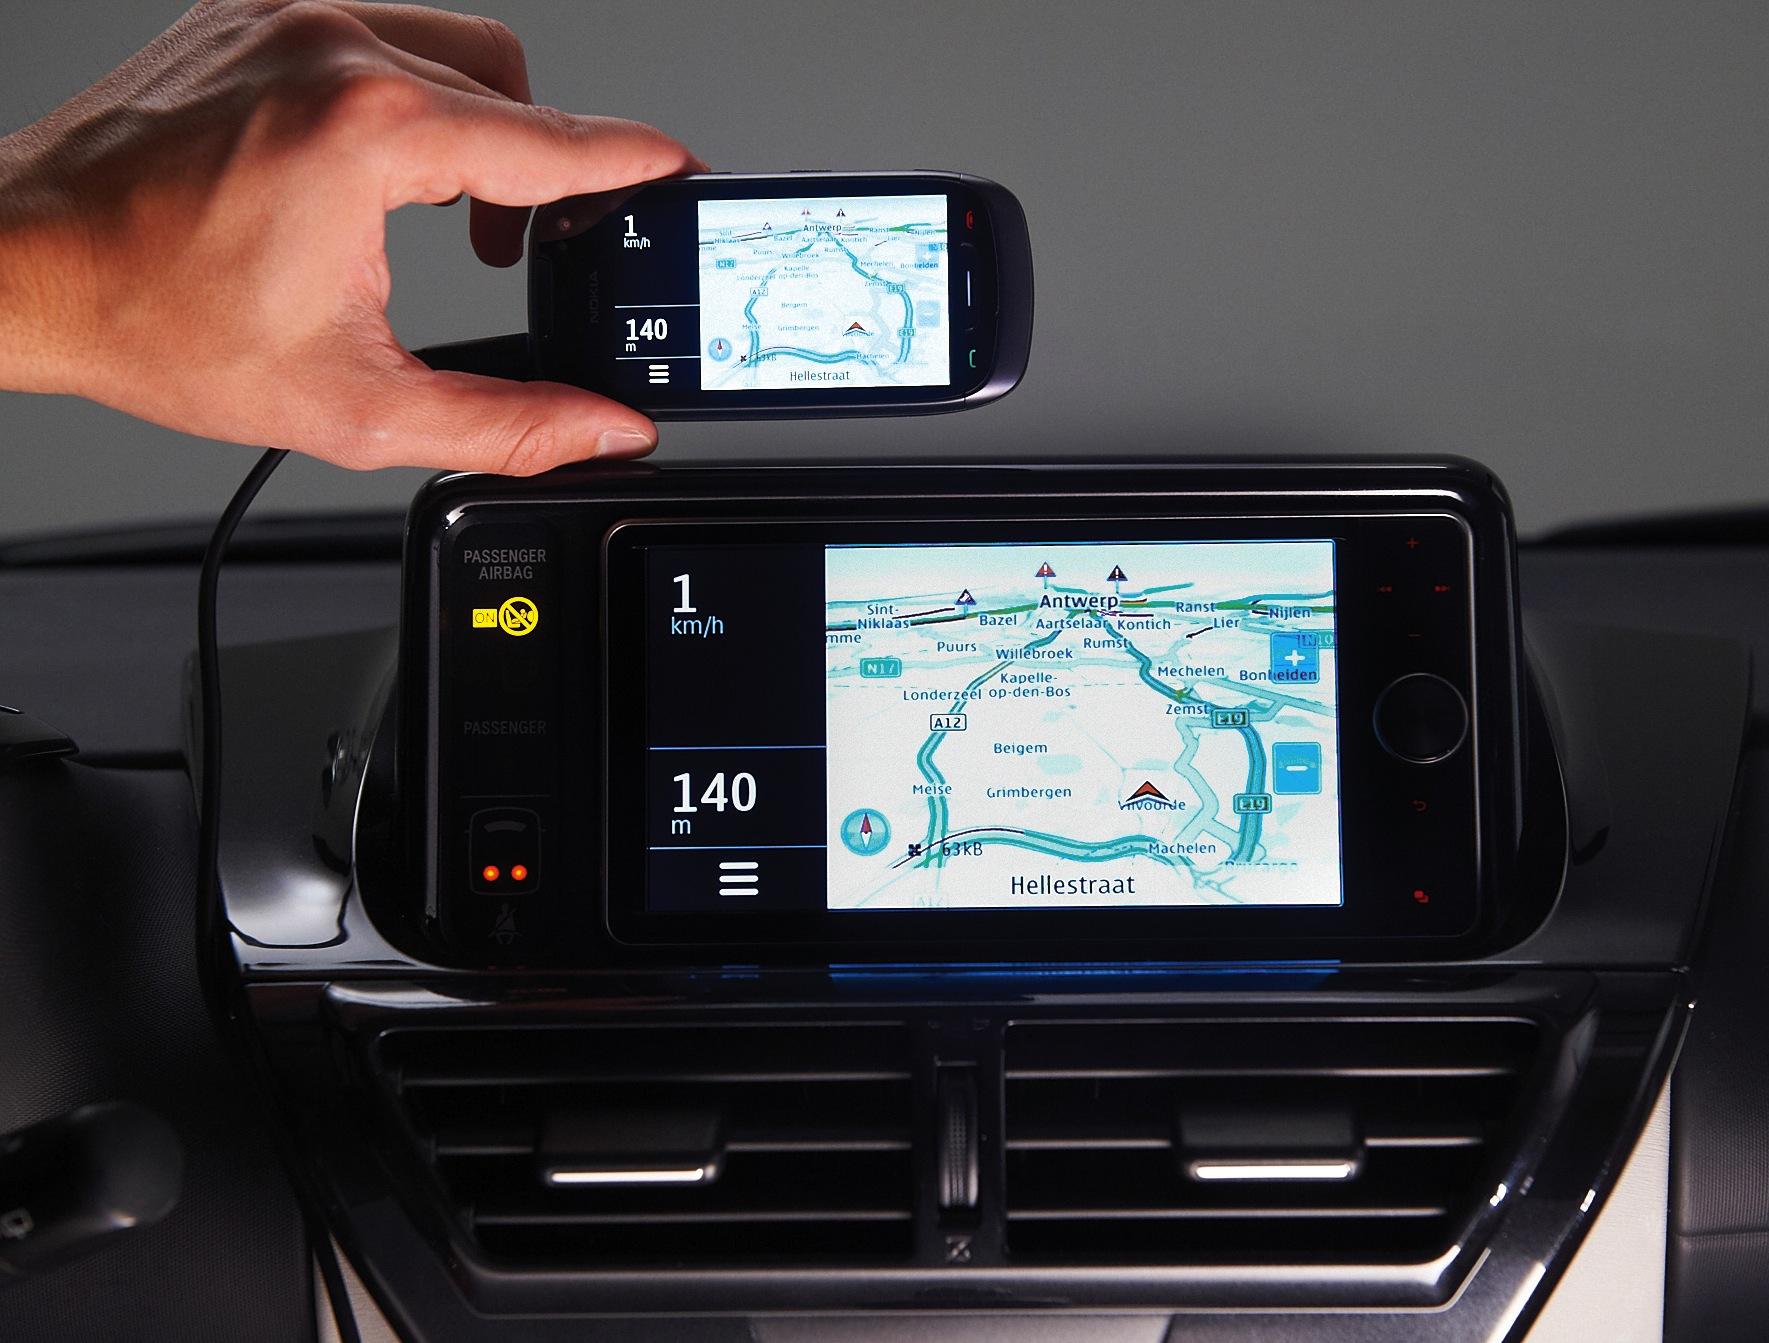 Toyota: Autodisplay spiegelt Handybildschirm - Toyota Touch Life (Bild: Toyota)